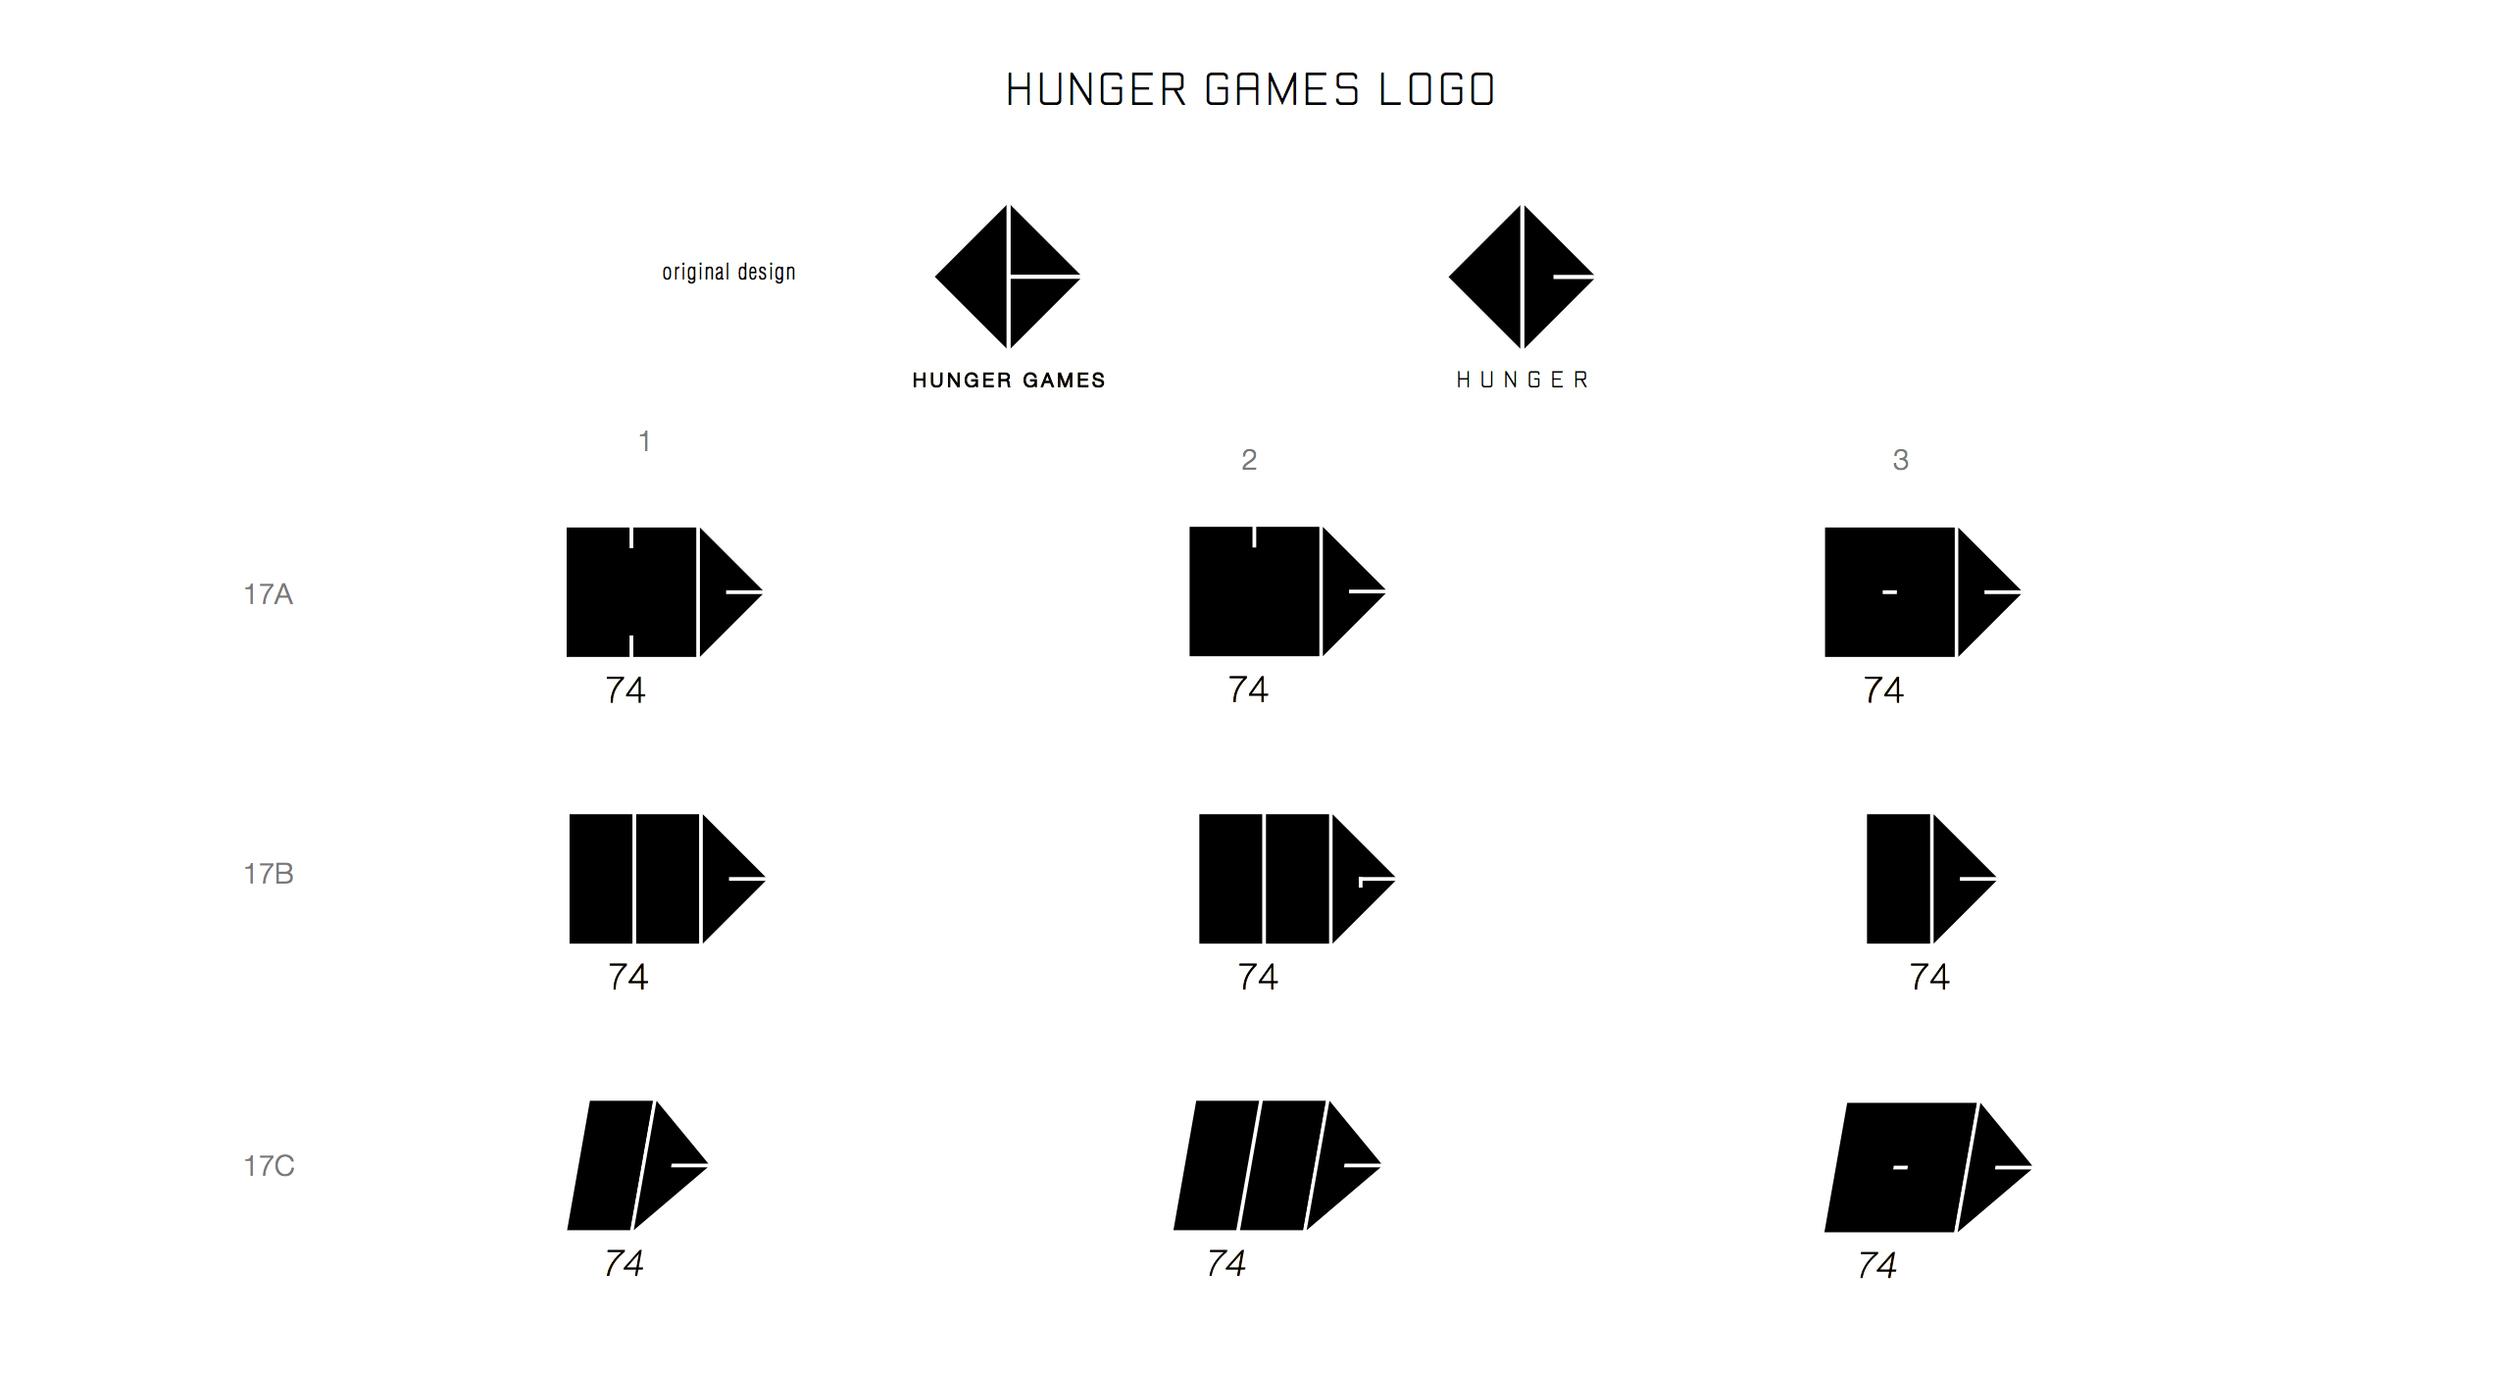 01_HungerGames_design.00014.jpg